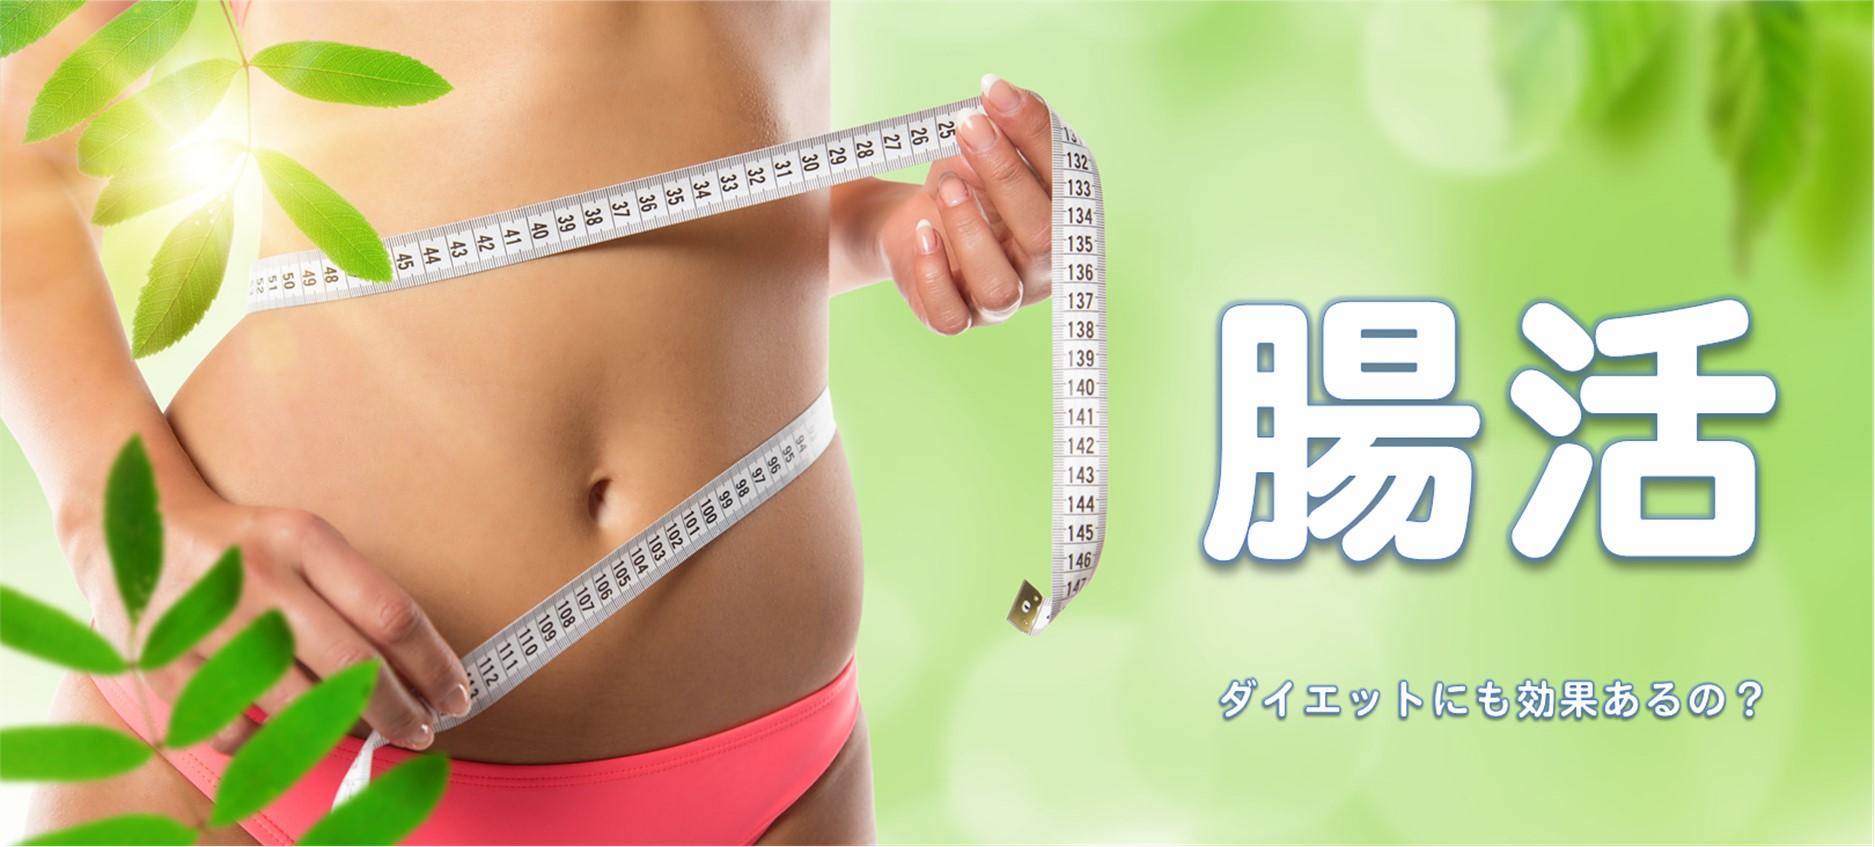 腸活ってダイエットに効果ある?腸活で8年以上リバウンドなしの方法